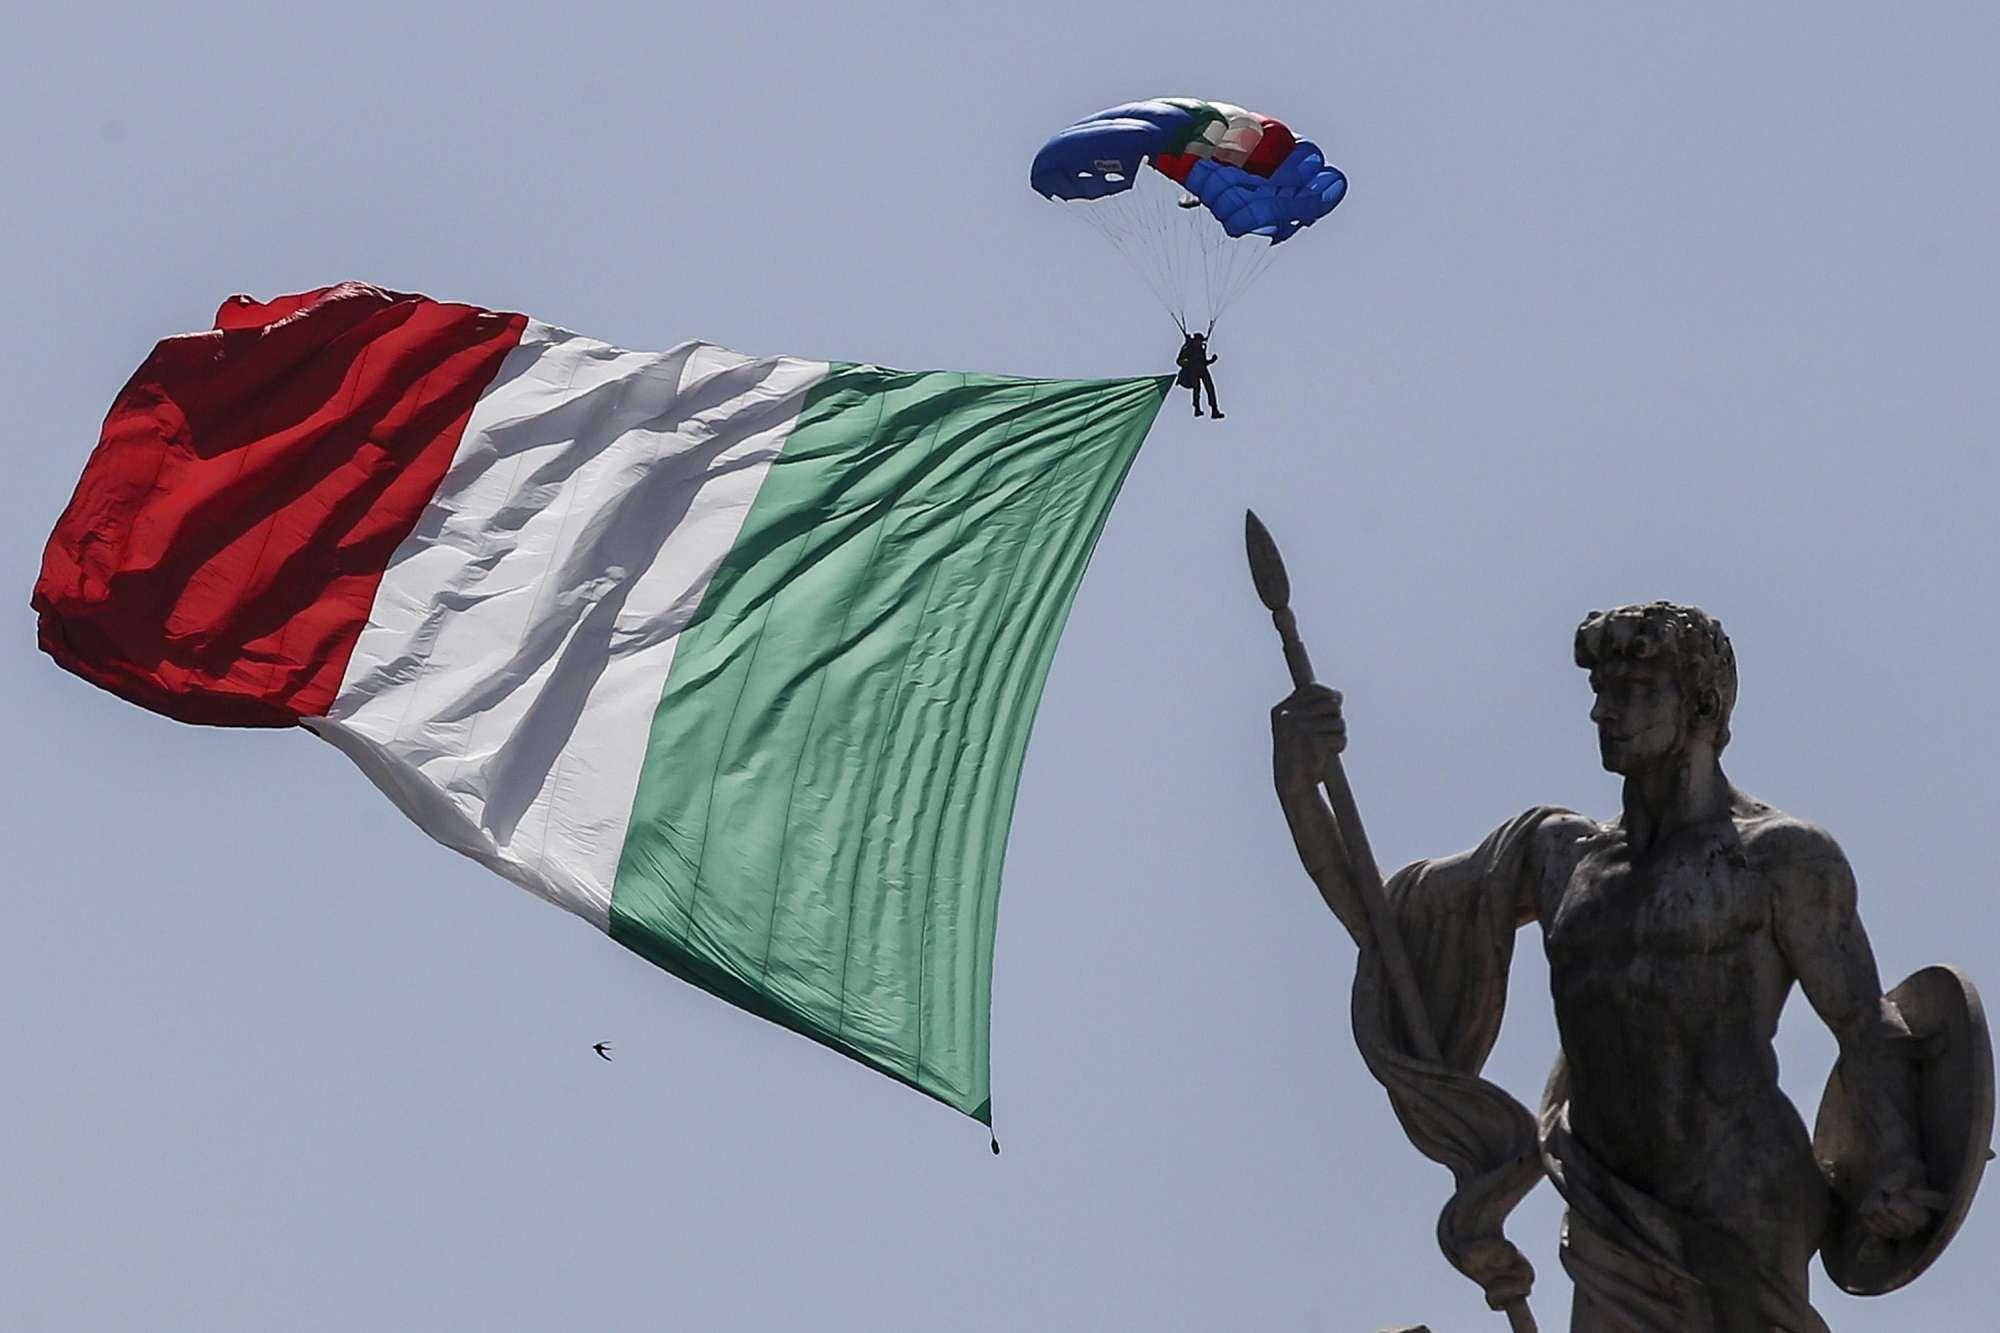 2 giugno conte e 39 la festa di noi tutti mattarella paese coeso e affidabile tgcom24 - La parata bagno vignoni ...